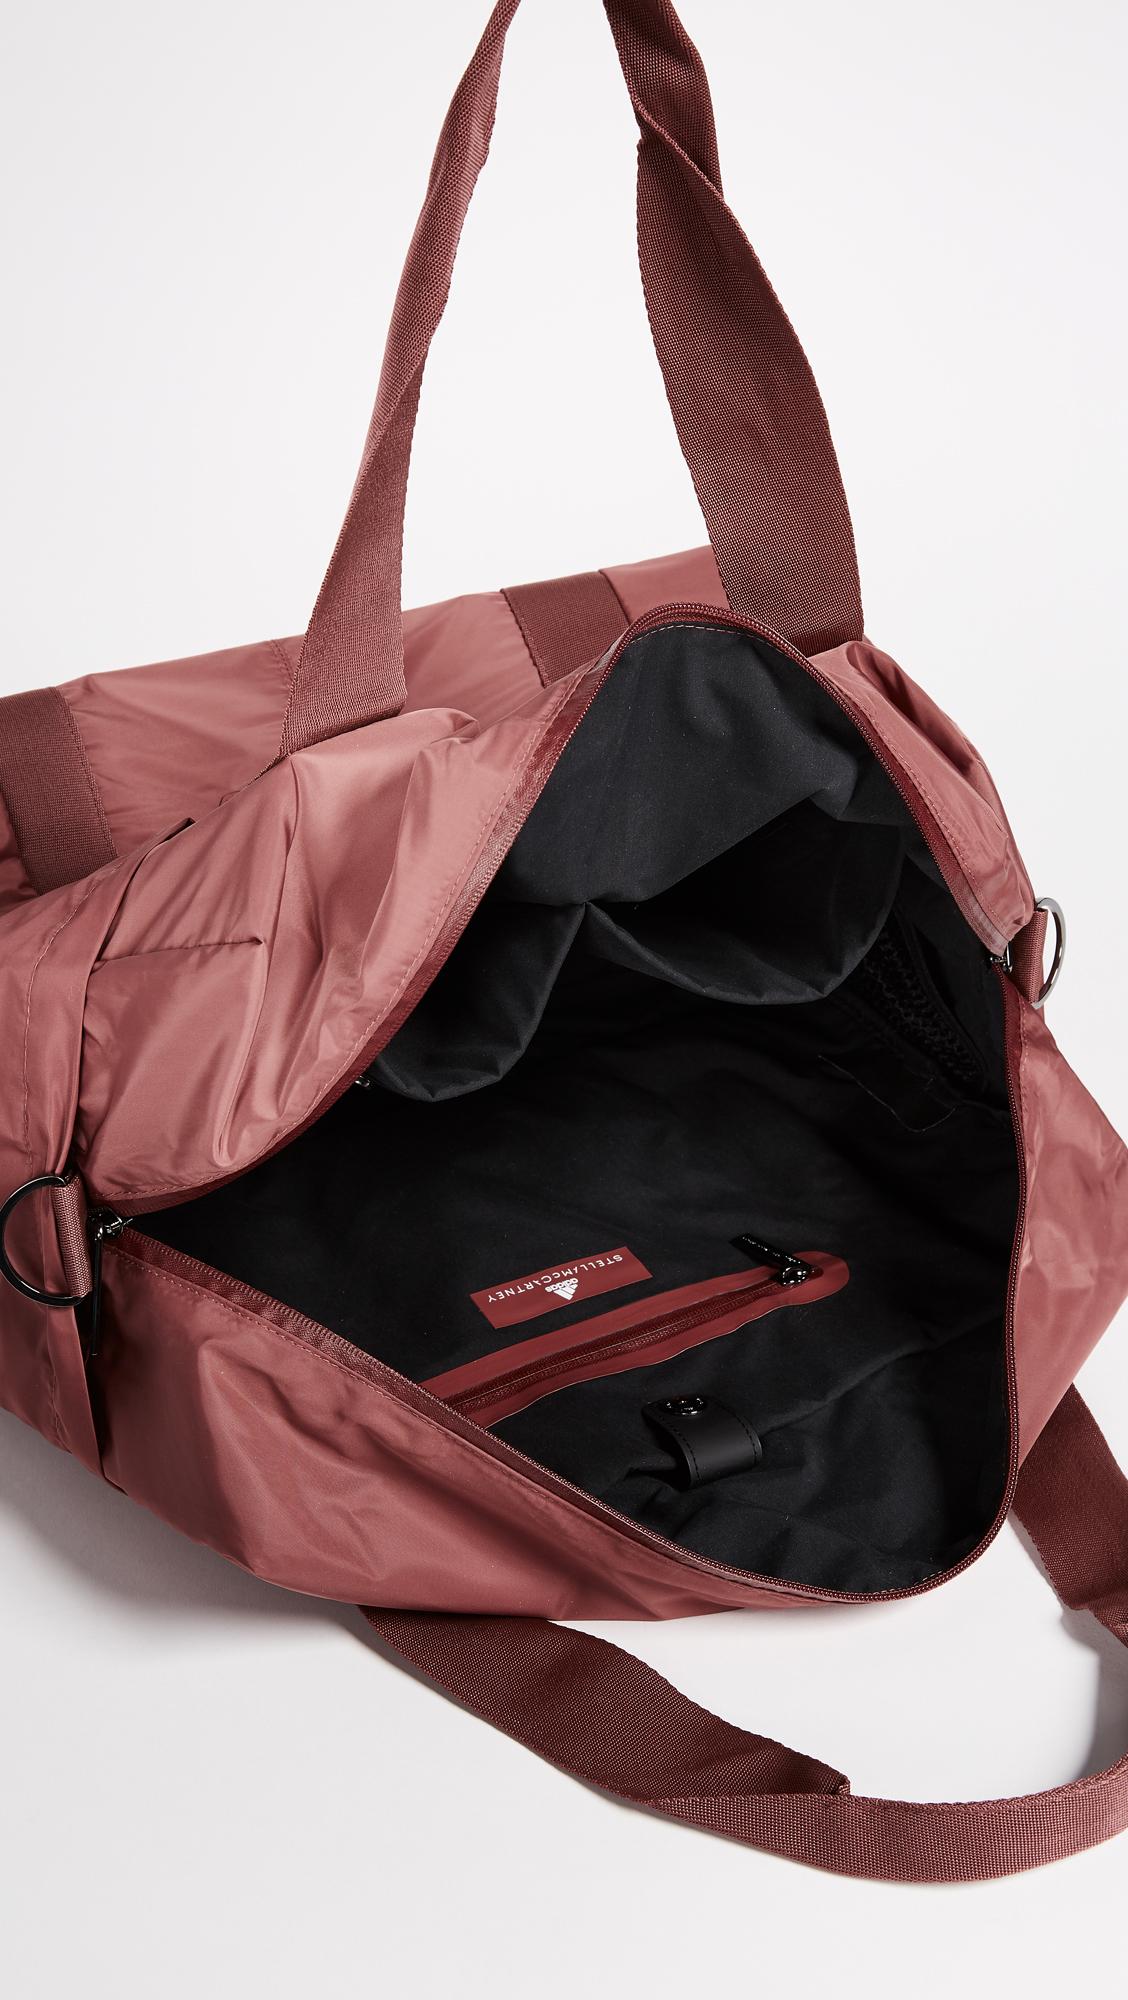 96d38f9608 adidas by Stella McCartney Shipshape Bag